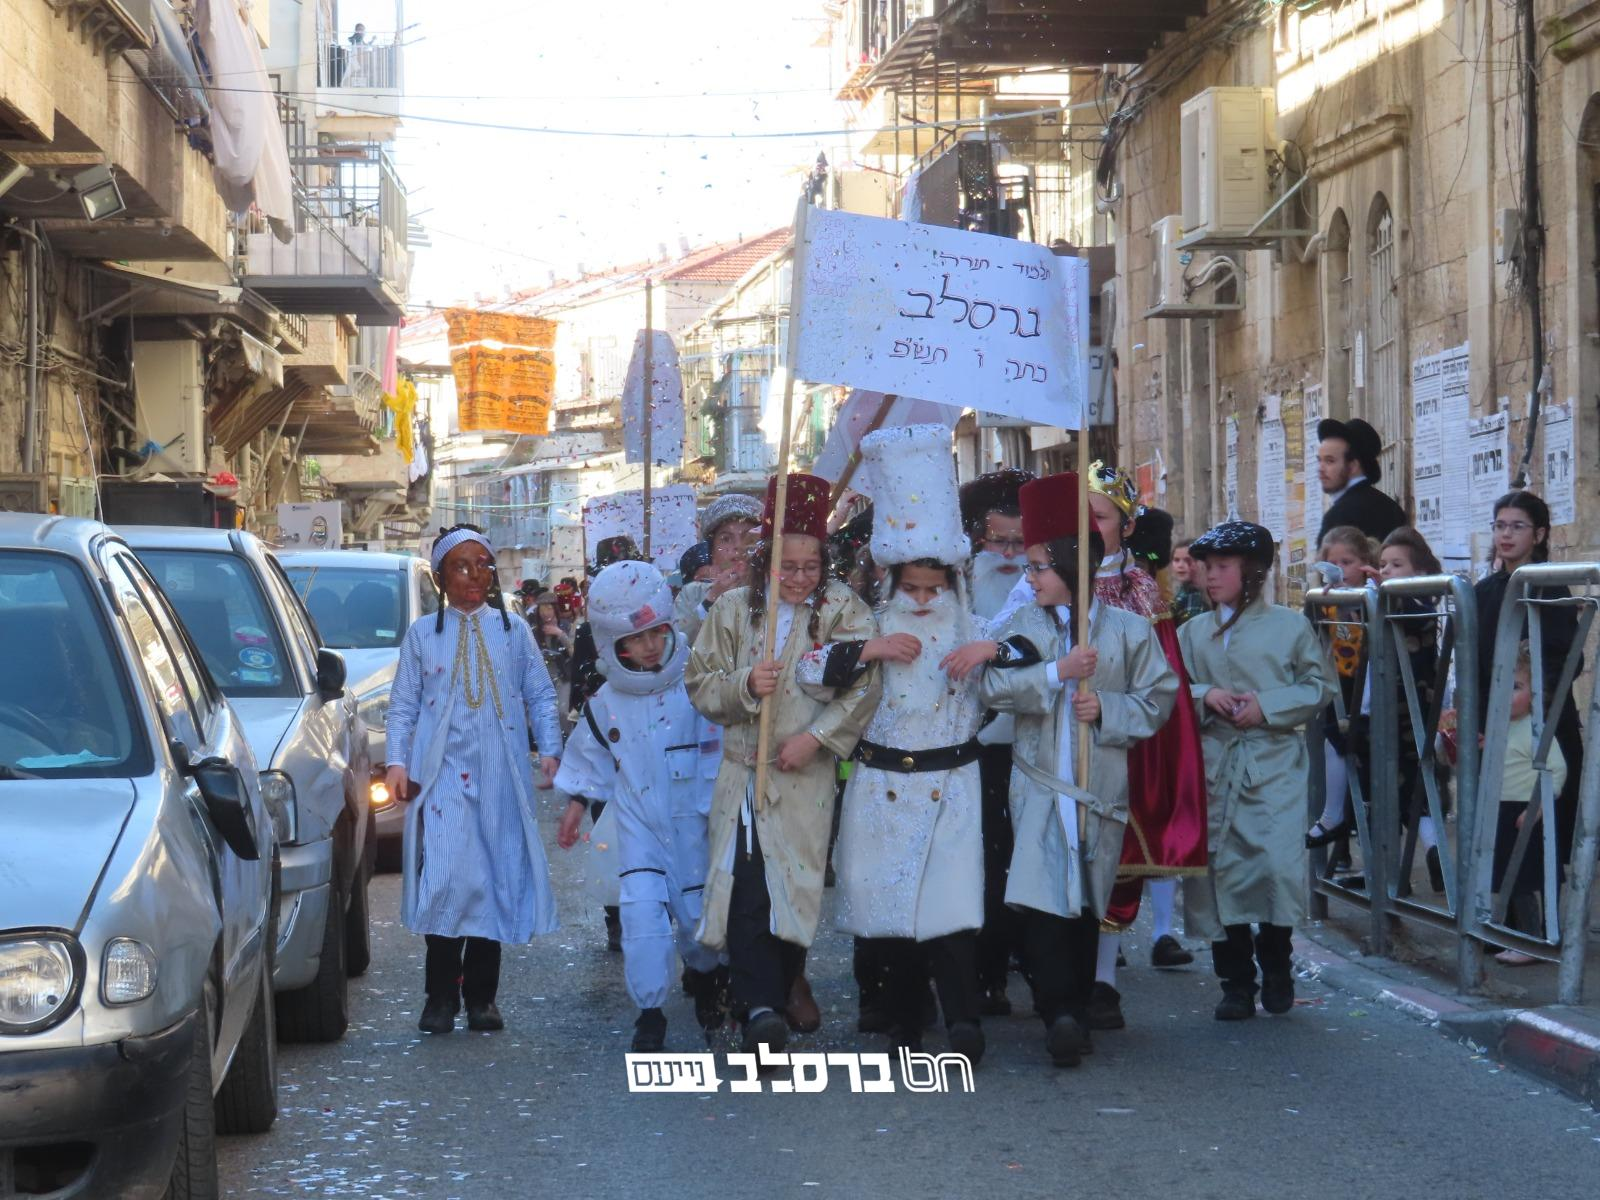 ירושלים: ילדי תלמוד תורה ברסלב בירושלים חוגגים את מסיבת פורים